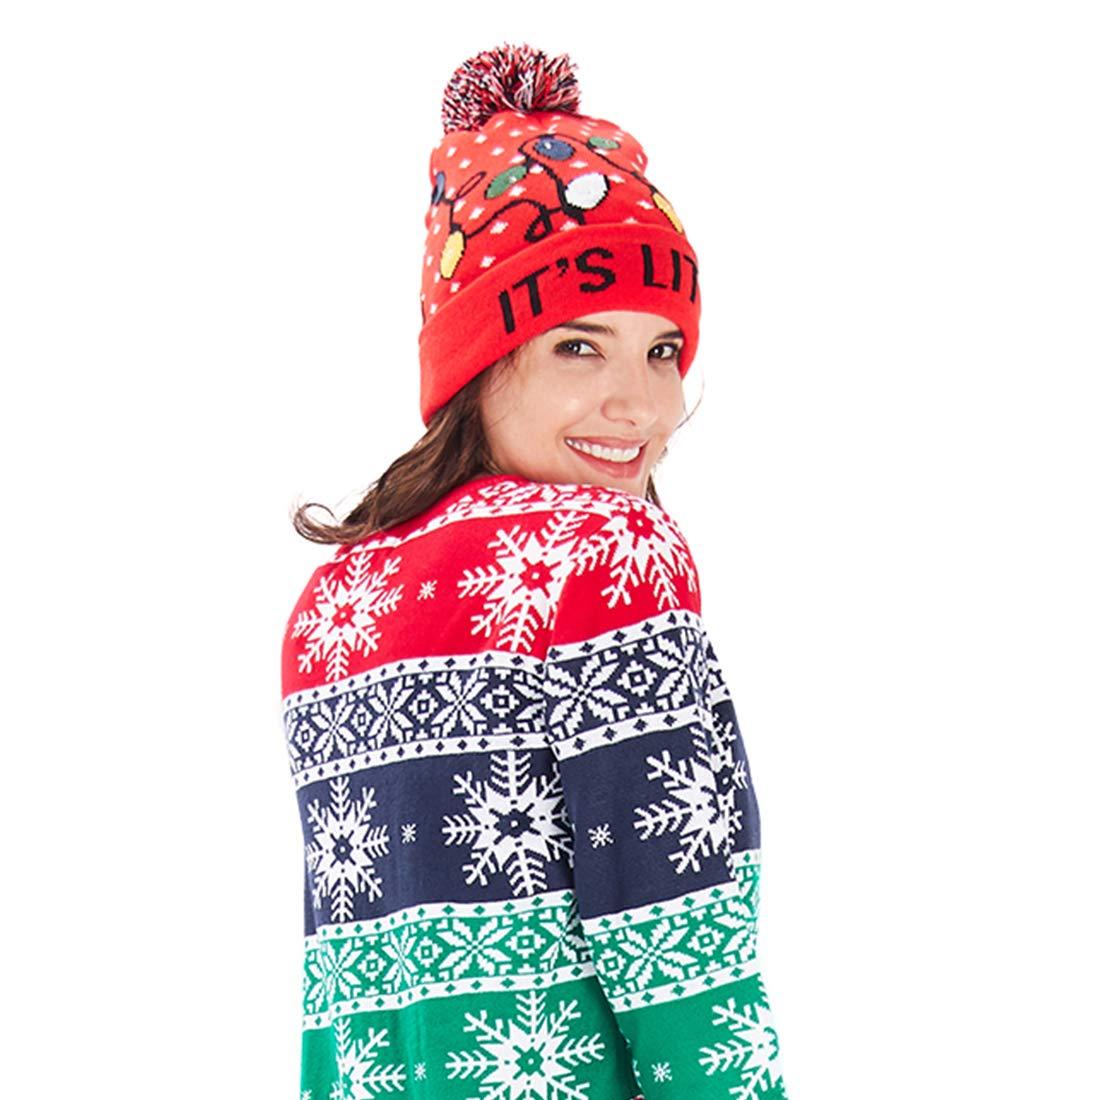 chicolife Unisexo Novedad Navideño Sombrero con Mini Bombilla Colorida Xmas Gorro Calentar Lana Gorro para Hombres Mujeres Niños Niñas Fiesta/Baile/Cumpleaños